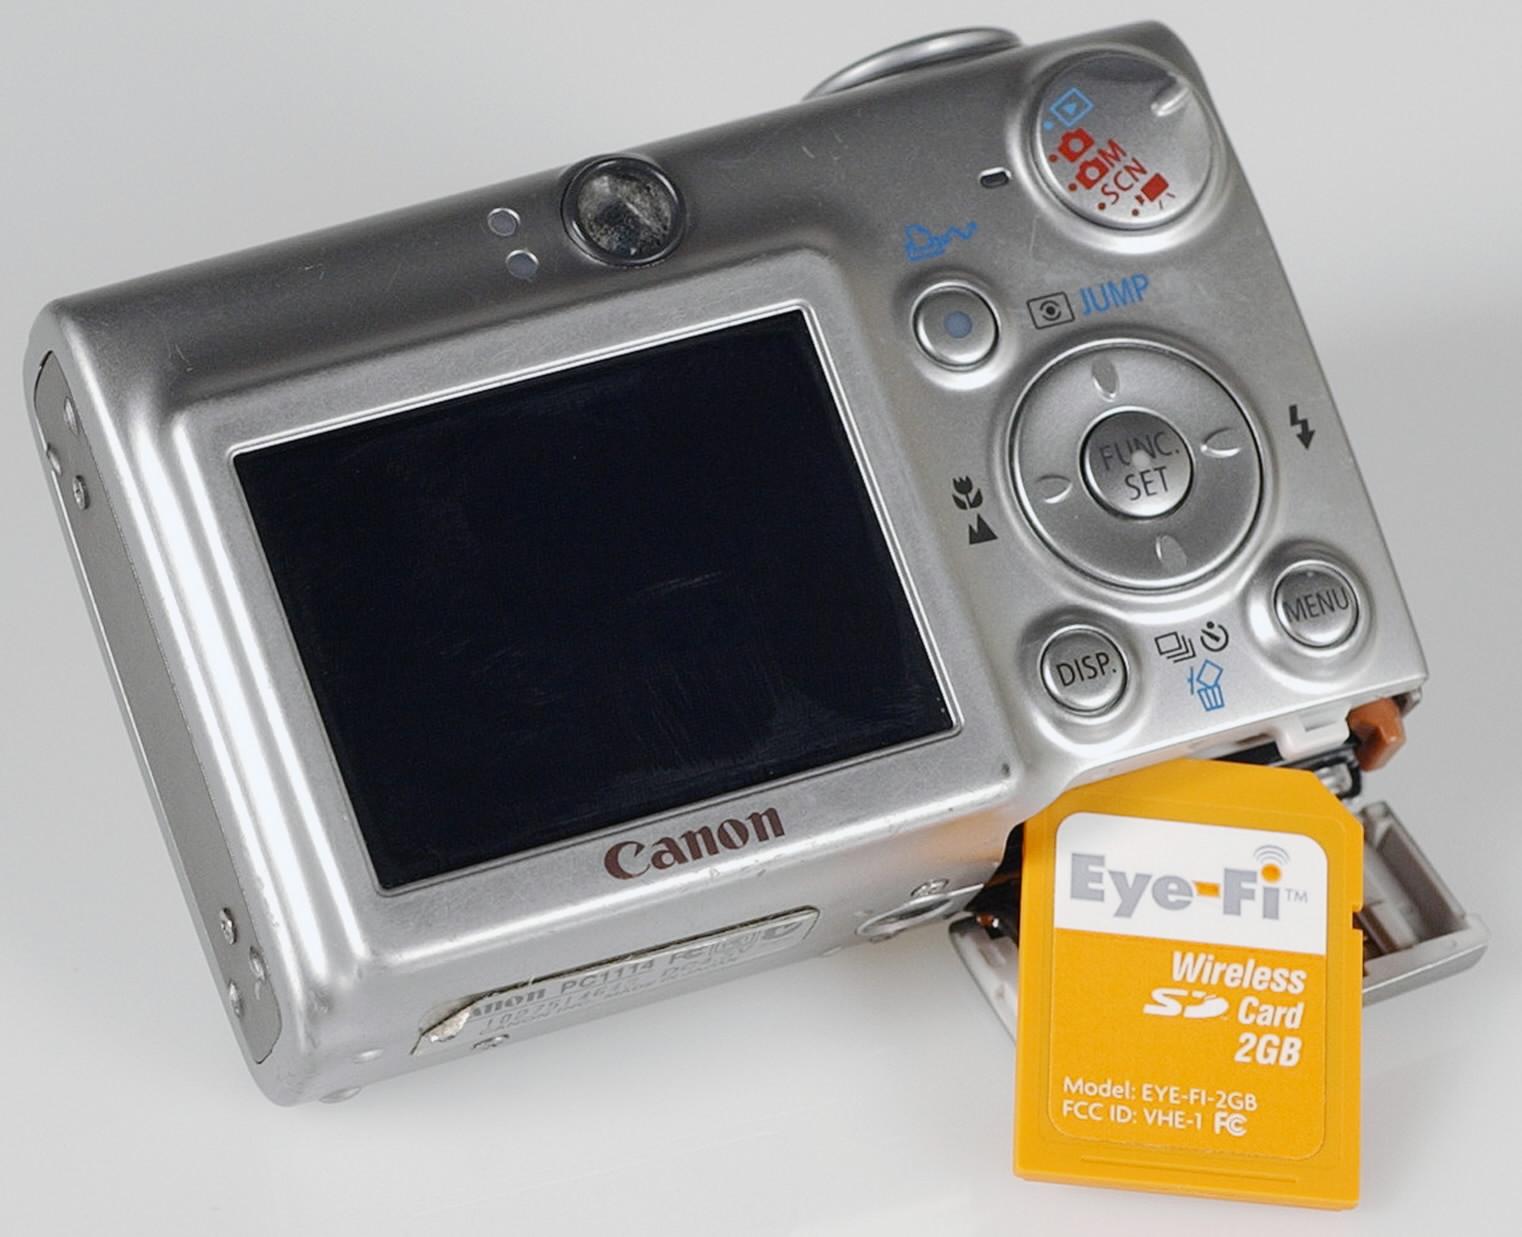 Фото с украденных фотоаппаратов и ноутбуков 6 фотография